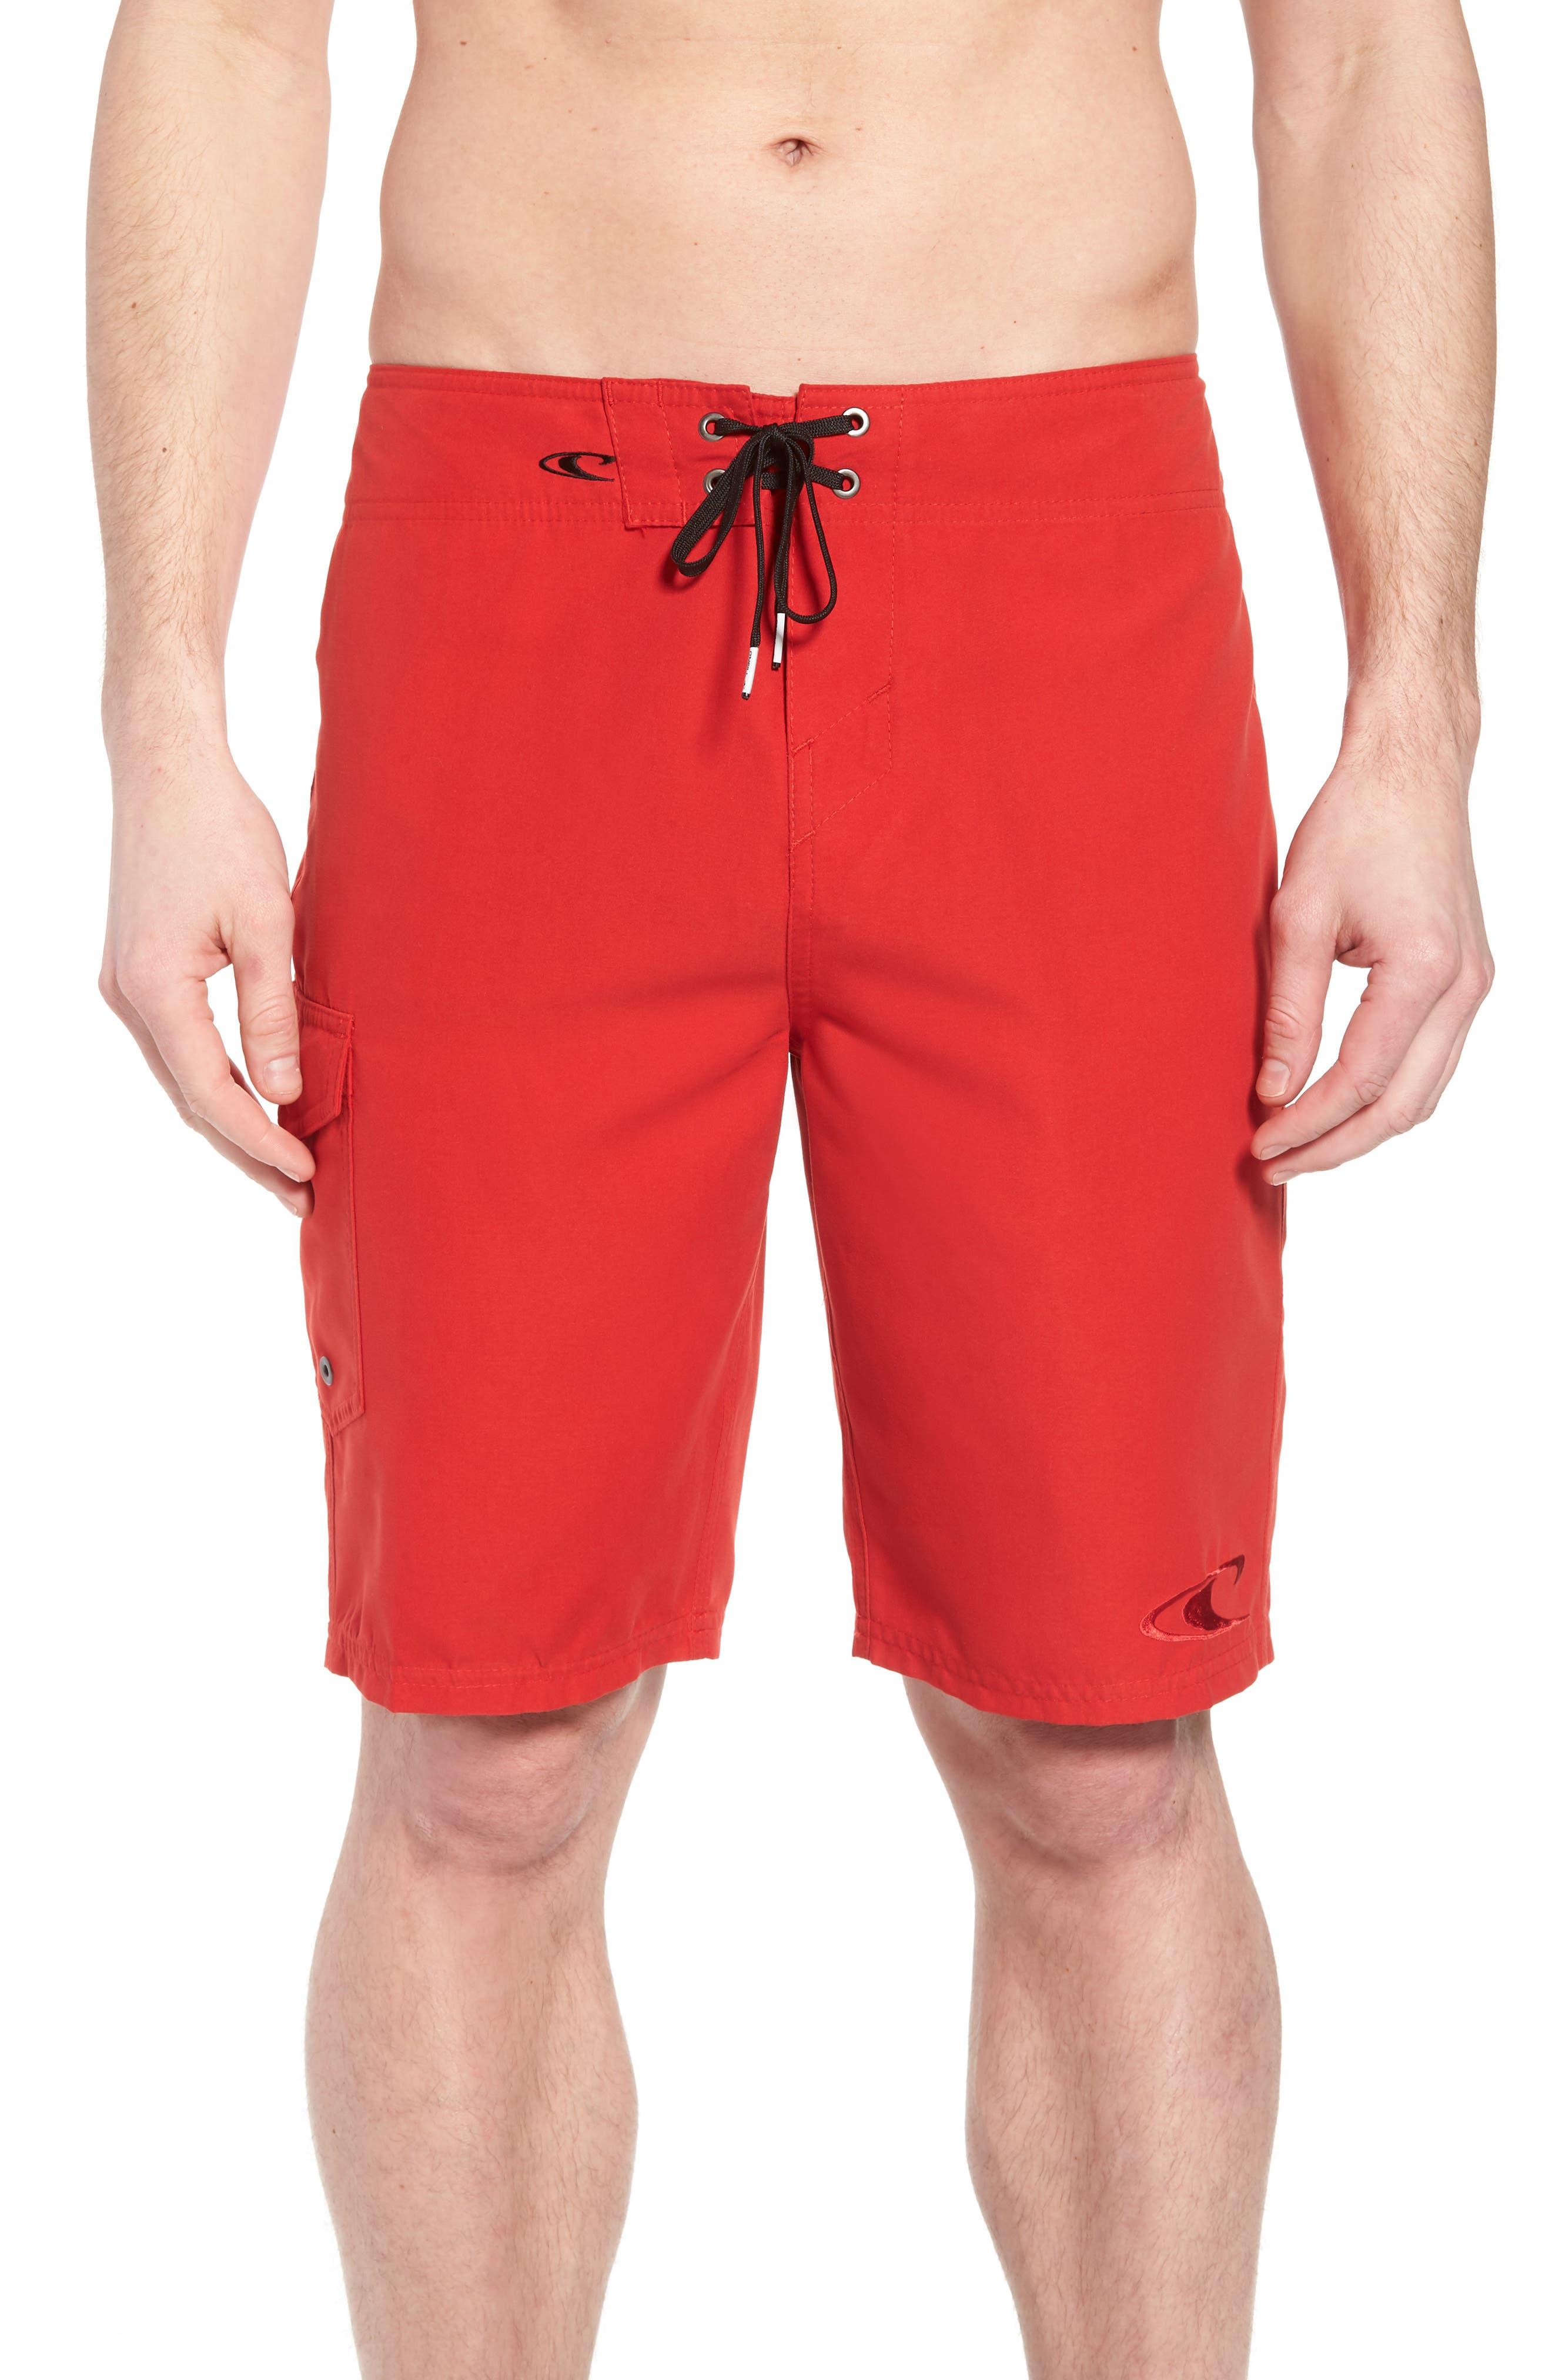 Santa Cruz Board Shorts,                         Main,                         color, Red